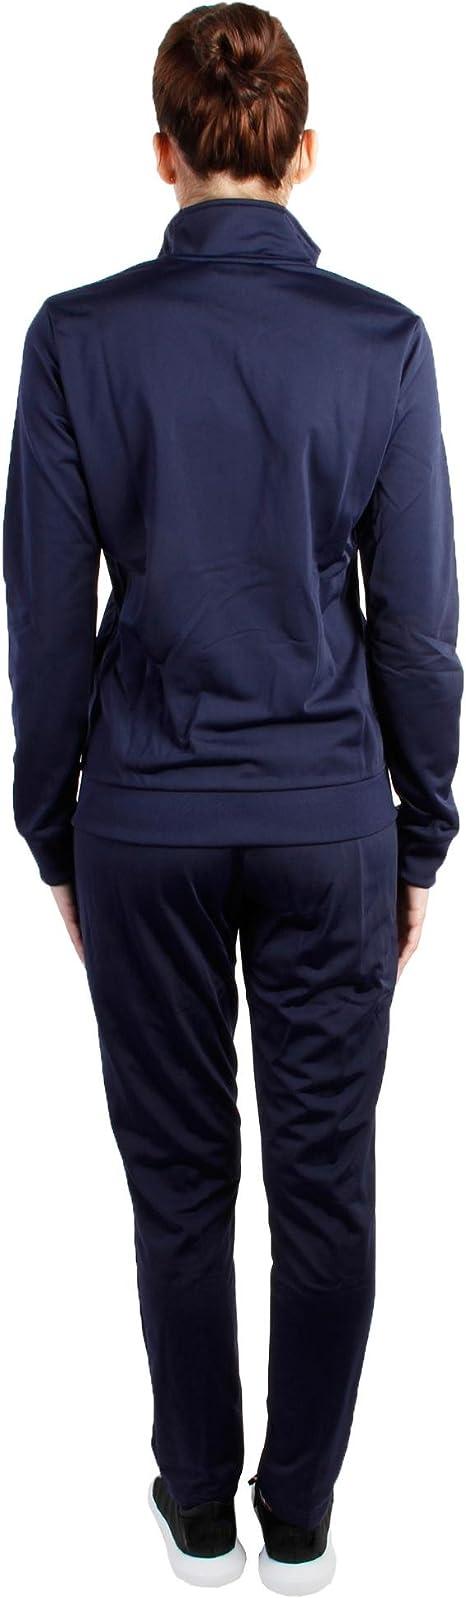 Puma Classic Tricot Suit Op W Chándal, Mujer, Azul , XXL: Amazon ...